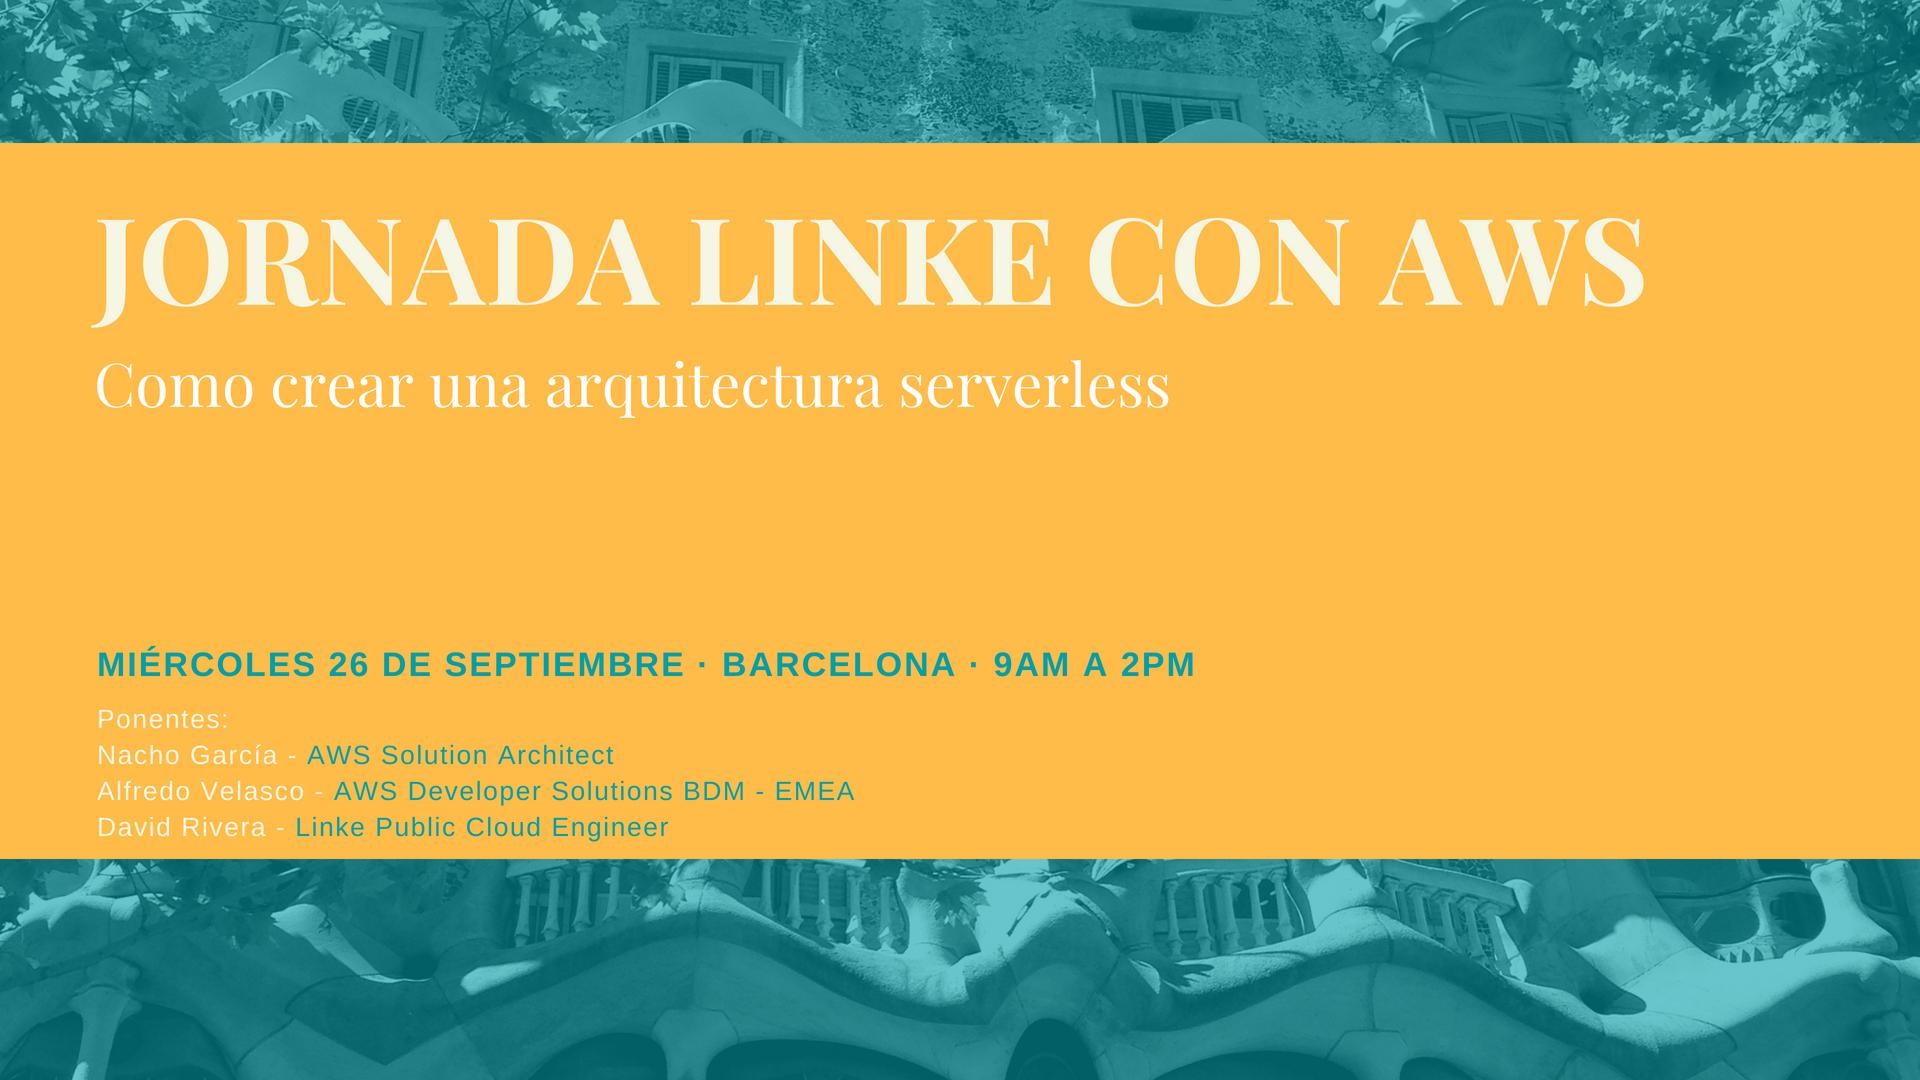 JORNADA SERVERLESS EN BARCELONA CON LINKE Y AWS